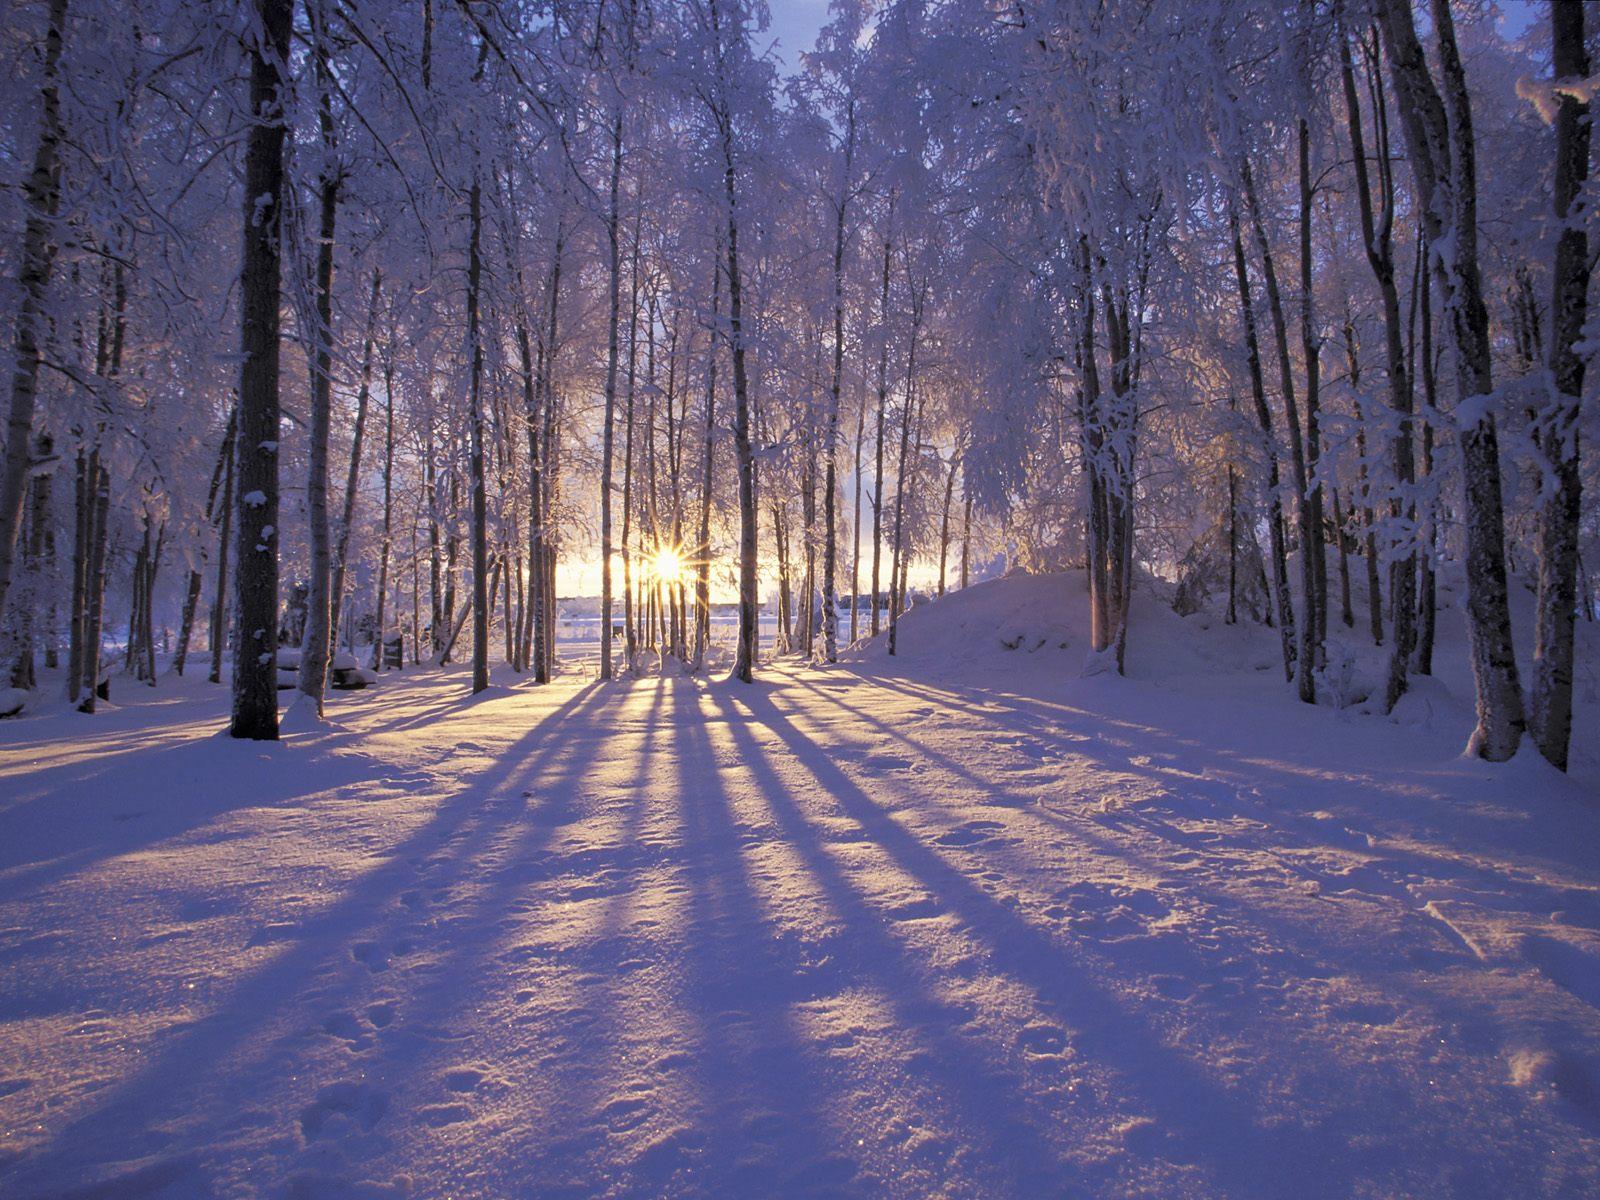 Solstice d'hiver 2019: le premier jour de l'hiver